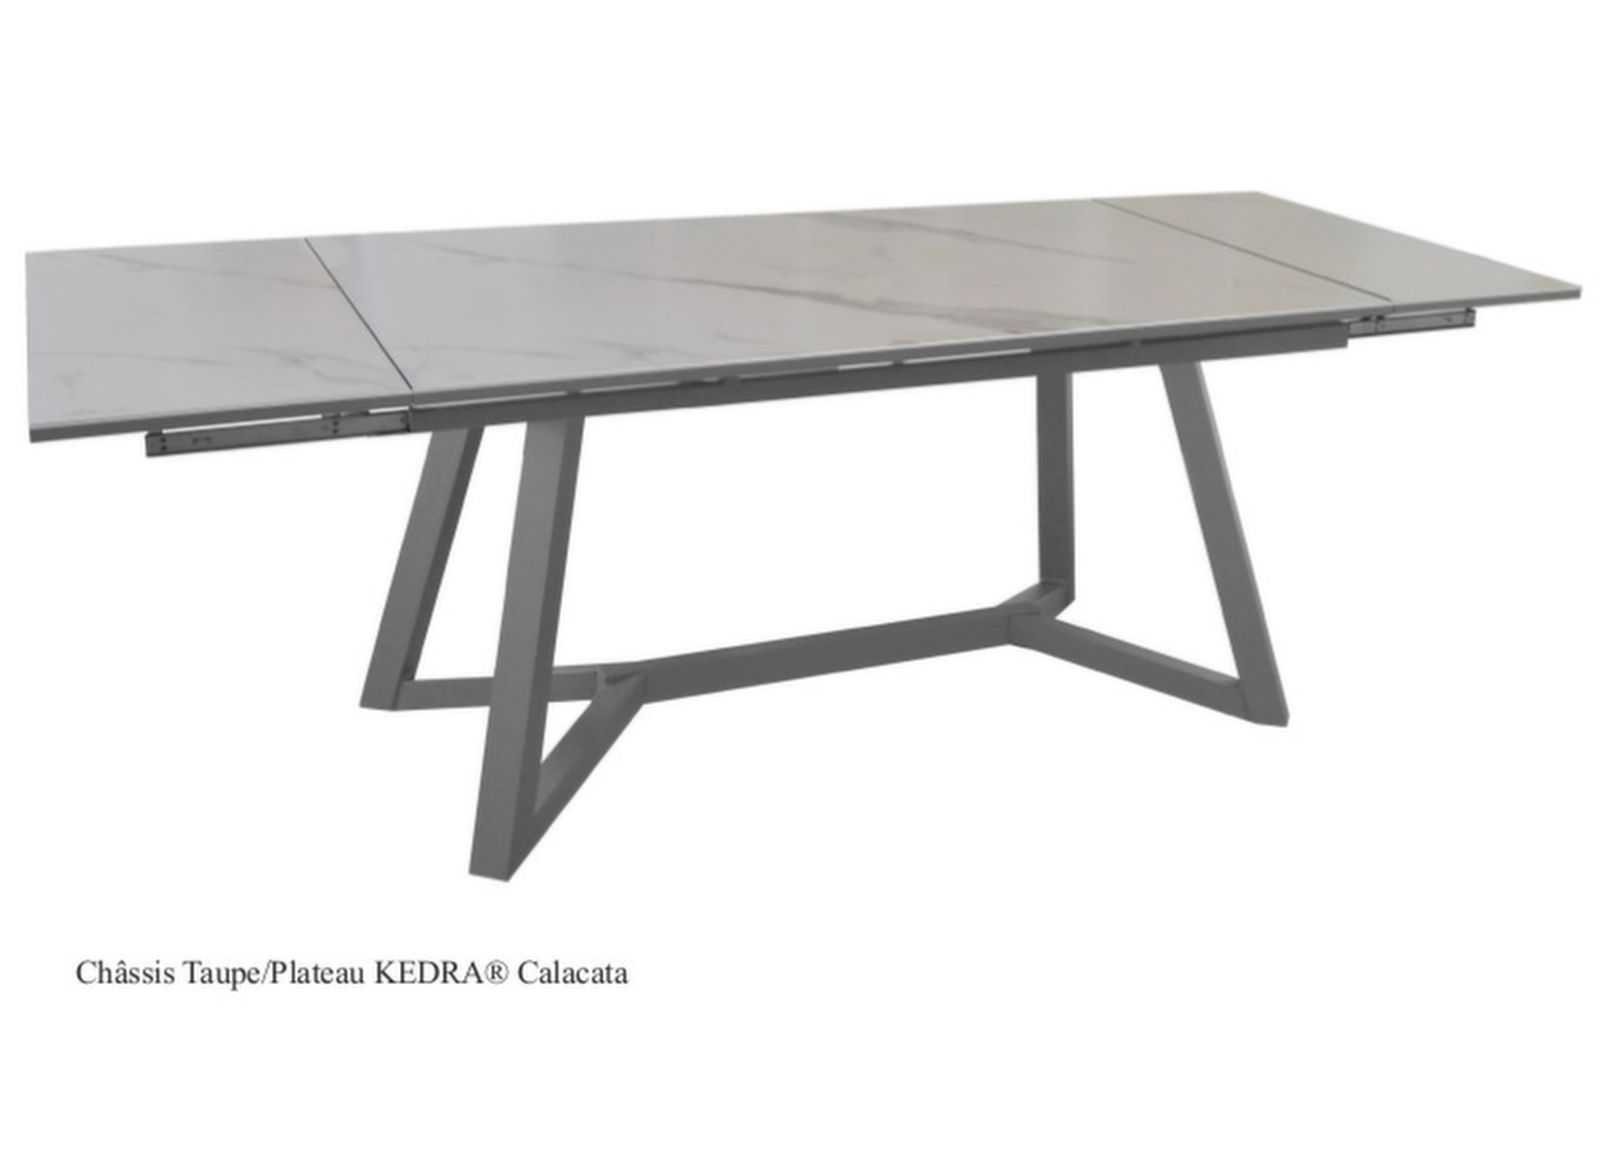 Ma table Agira 17/17/17 cm, plateau Kedra®